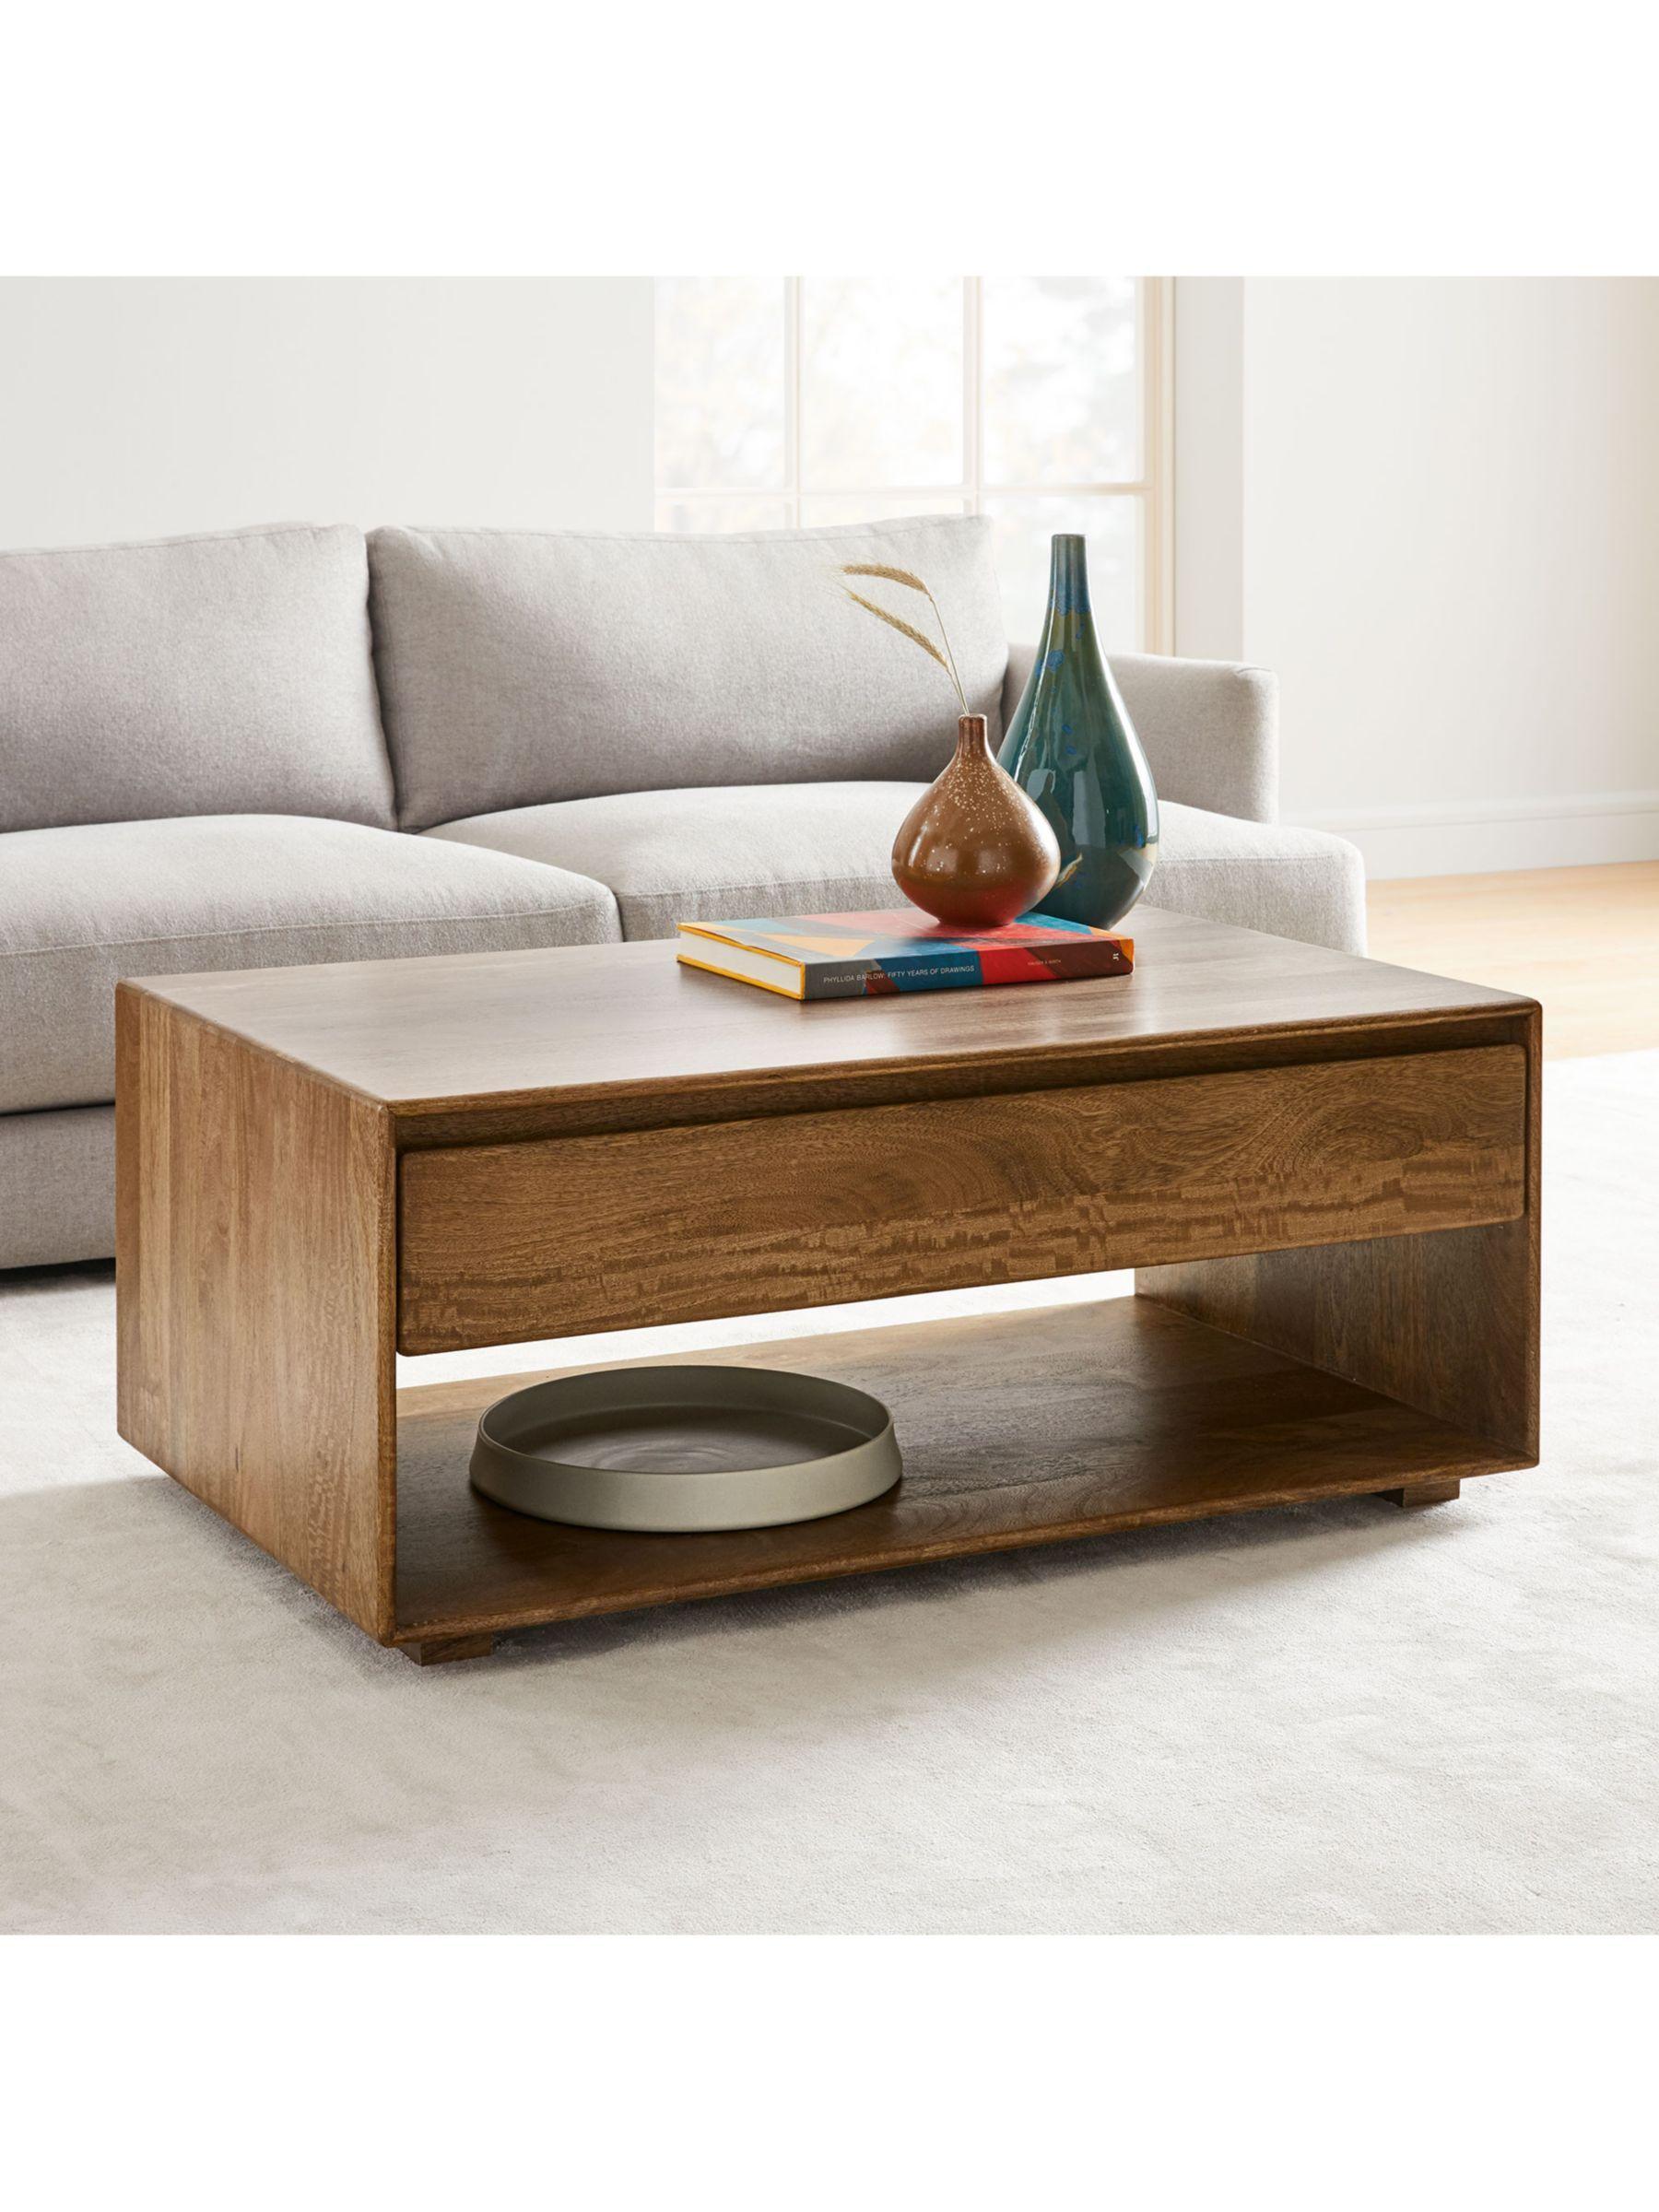 West Elm Anton Storage Coffee Table Brown In 2020 Coffee Table With Storage Coffee Table Rectangle Coffee Table Wood [ 2400 x 1800 Pixel ]